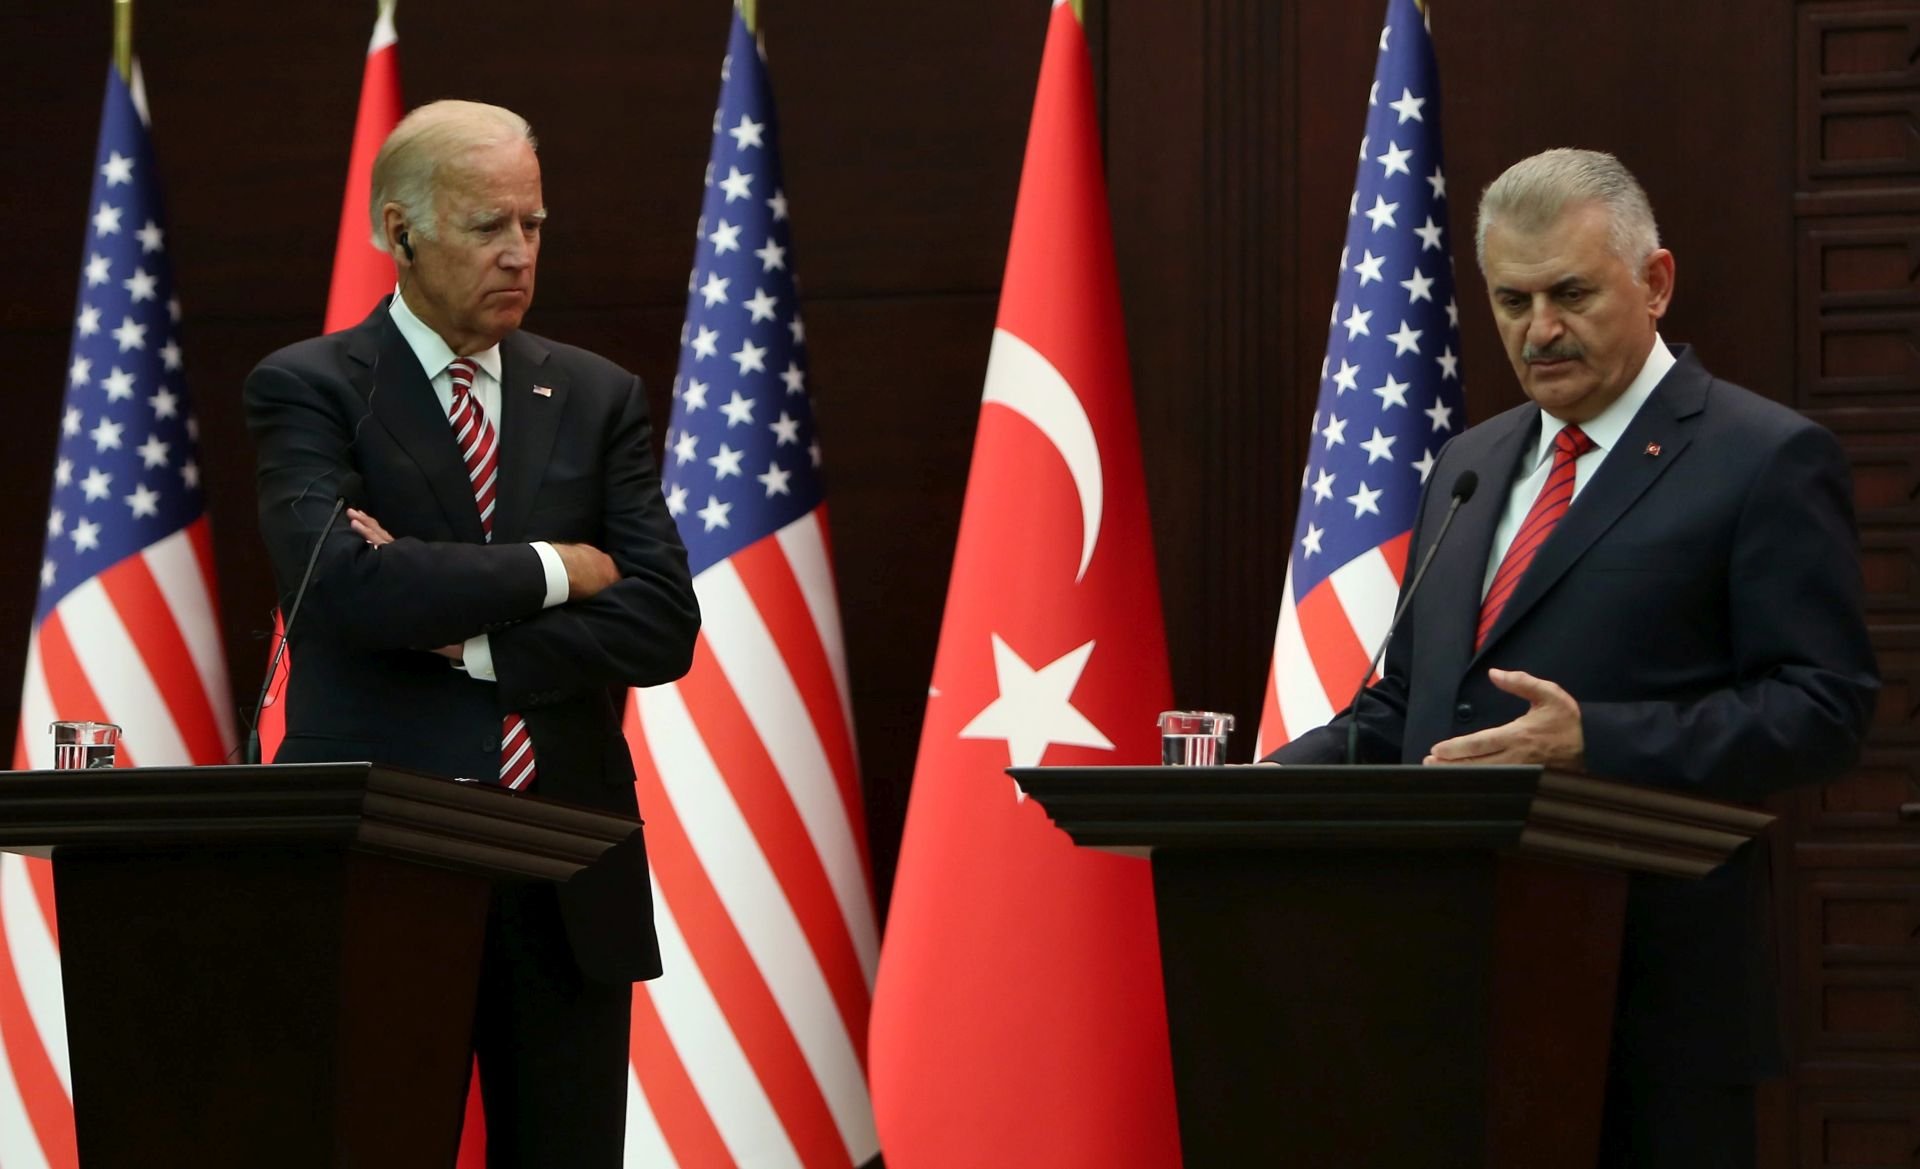 IZRUČENJE GUELENA: Biden u Turskoj smiruje napetosti